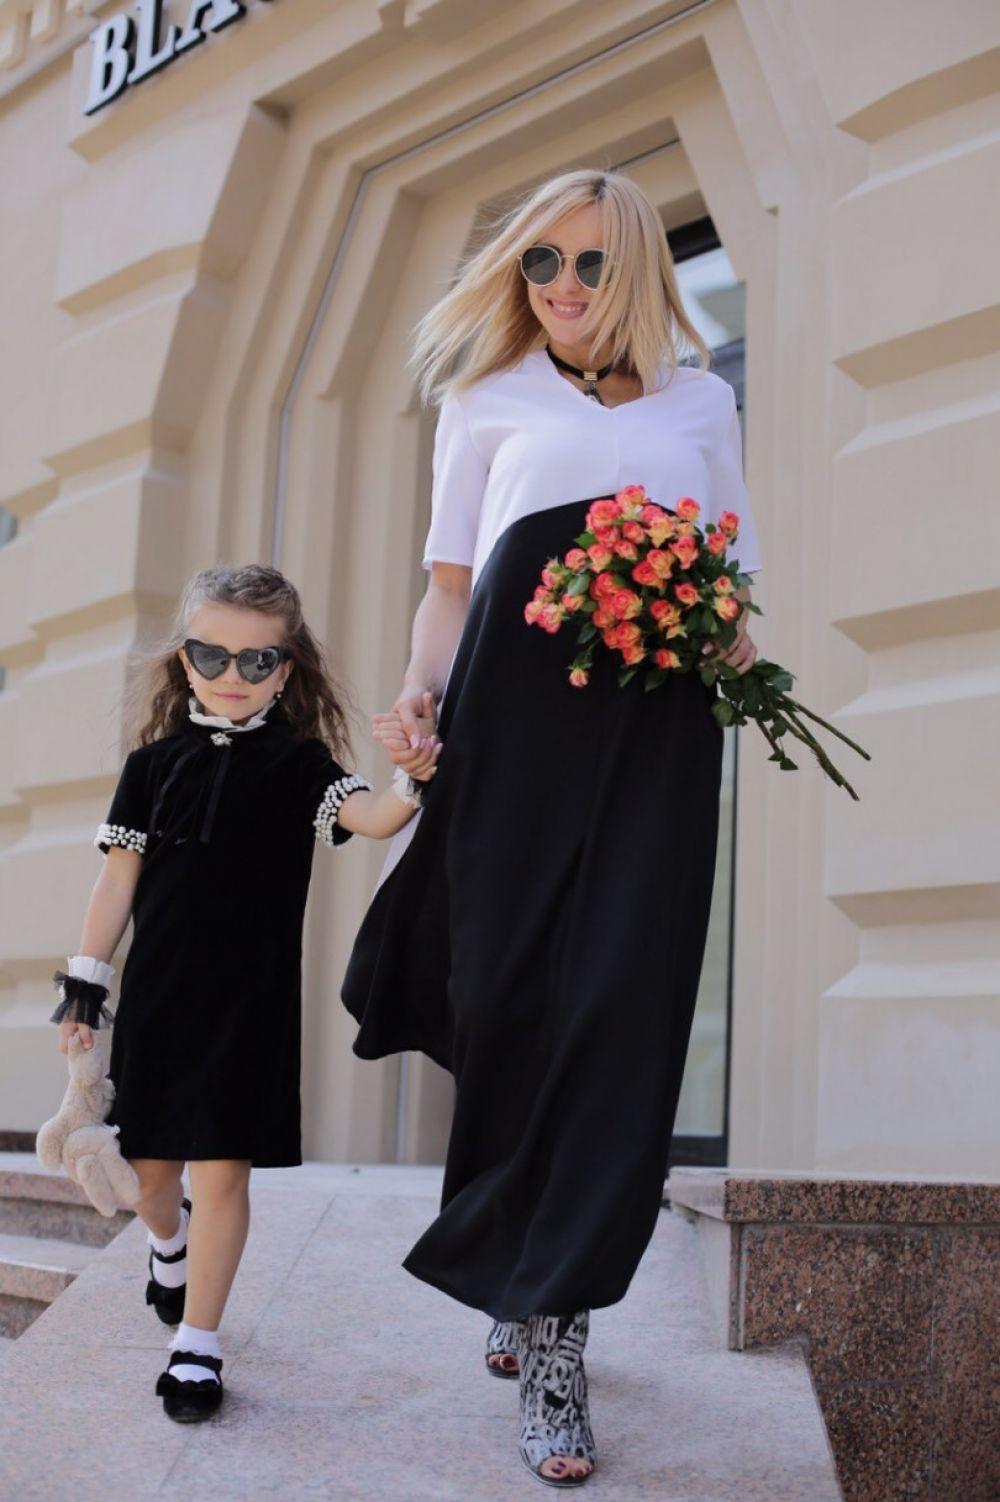 В первый класс, причем тоже без бантов, отправилась дочь Лилии Ребрик - Диана. Причем, девочка отправится в школу через дорогу от дома.